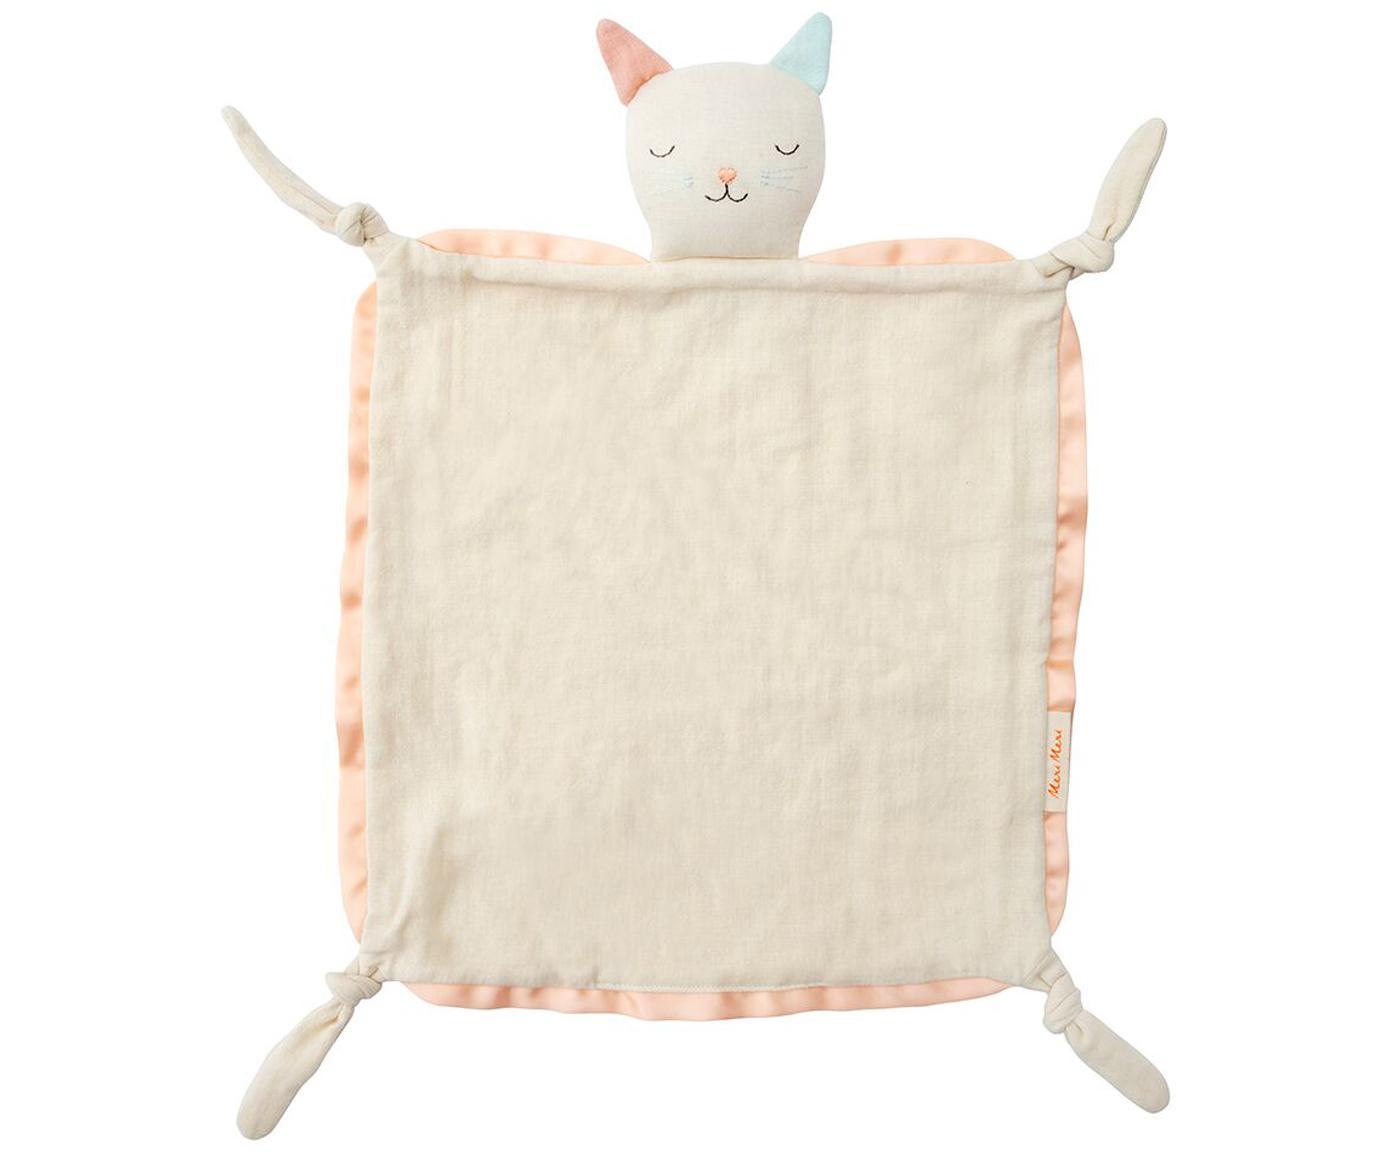 Przytulanka kocyk z bawełny organicznej Cat, Kremowobiały, blady różowy, jasny niebieski, S 40 x D 46 cm